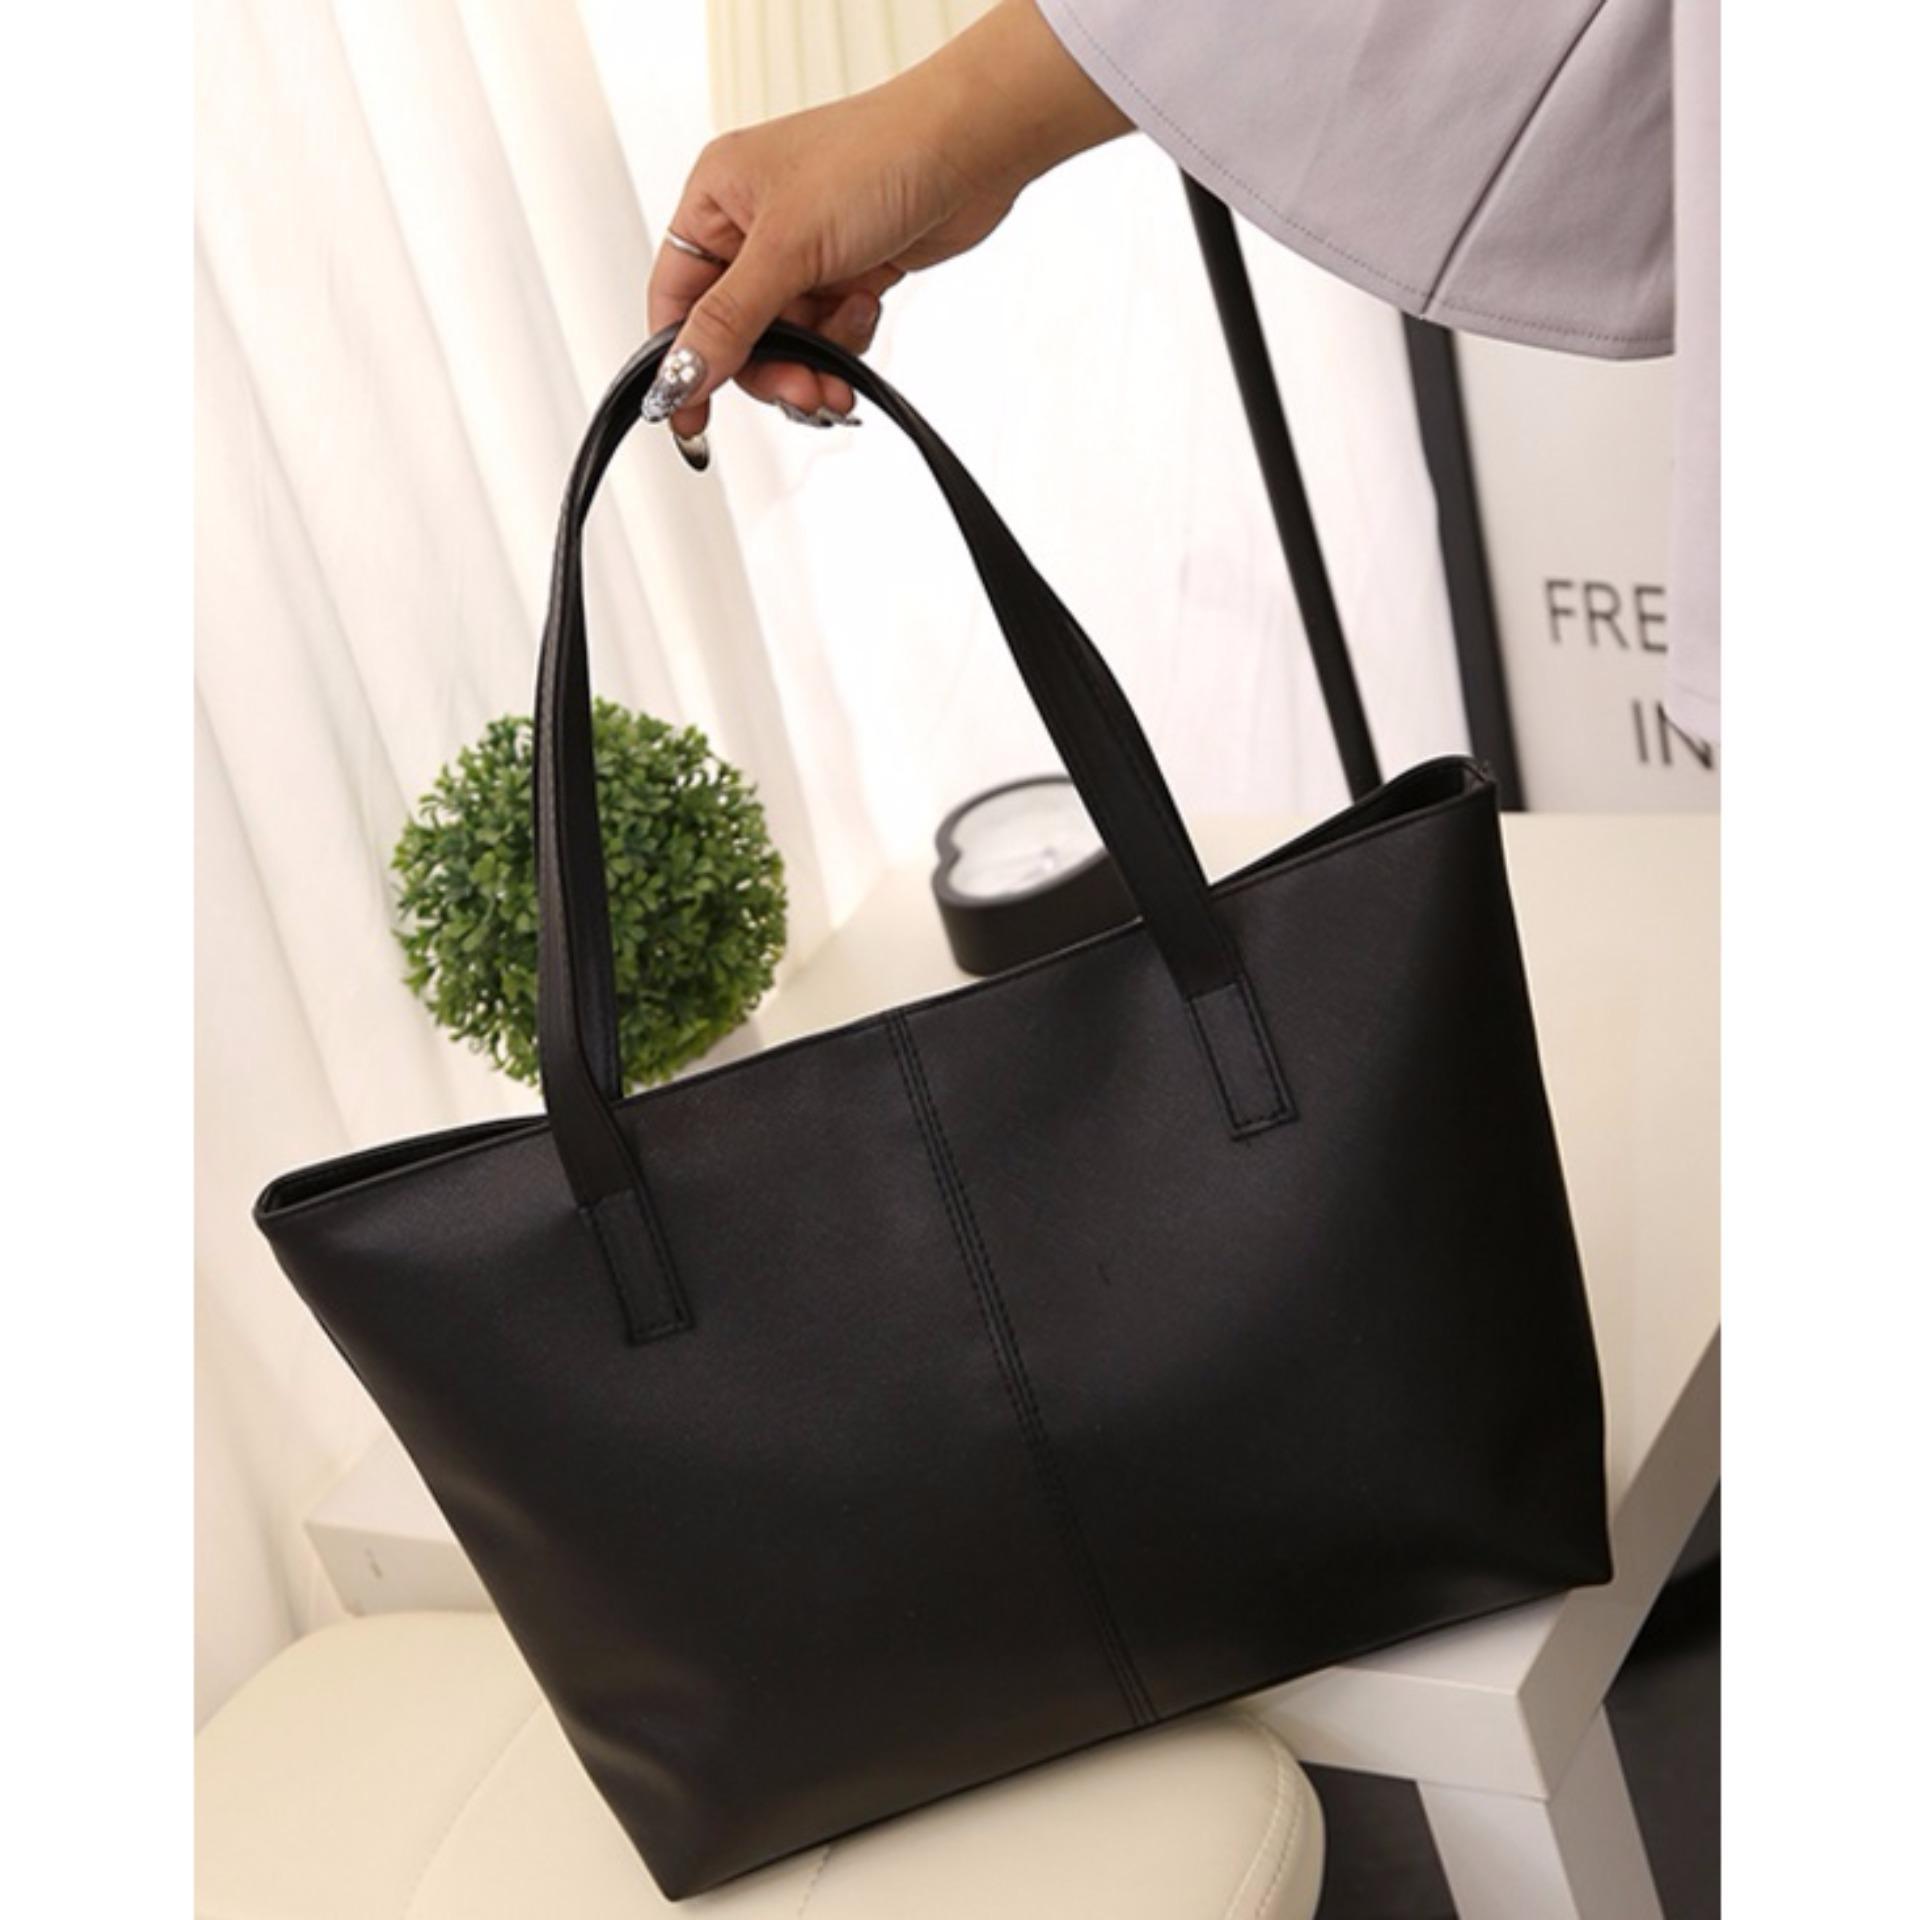 ... Salem Free Legging Footless Brown. Source · Women s Fashion PU Leather Tote Bag 99Handbags Shoulder Bags Tas Wanita Kulit .